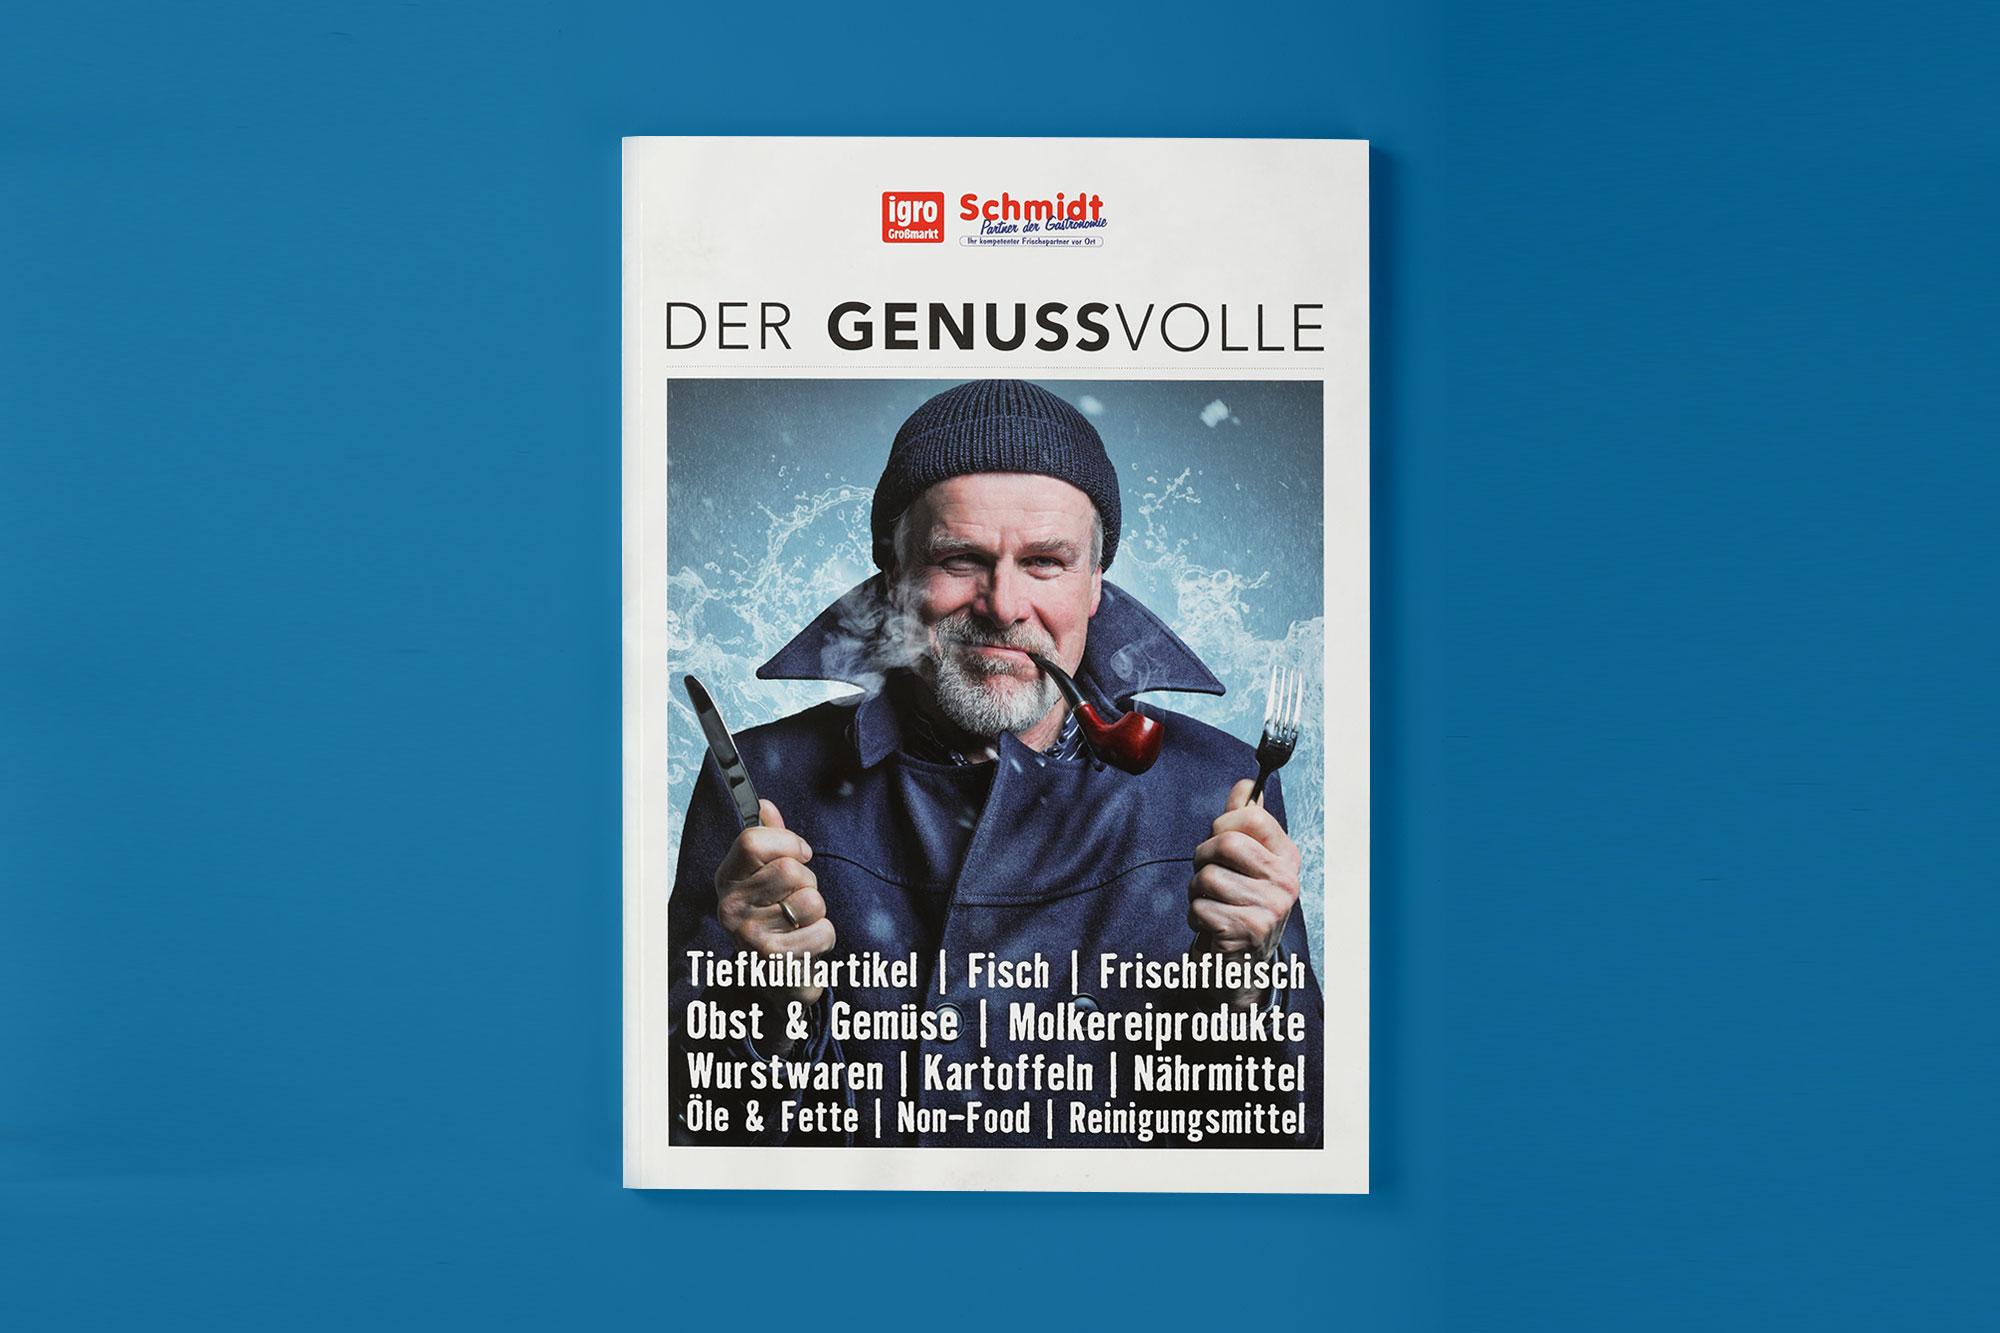 Hüppmeier Marketing und Design GmbH - Referenz - Igro-Schmidt-Katalog Titel Vorschau